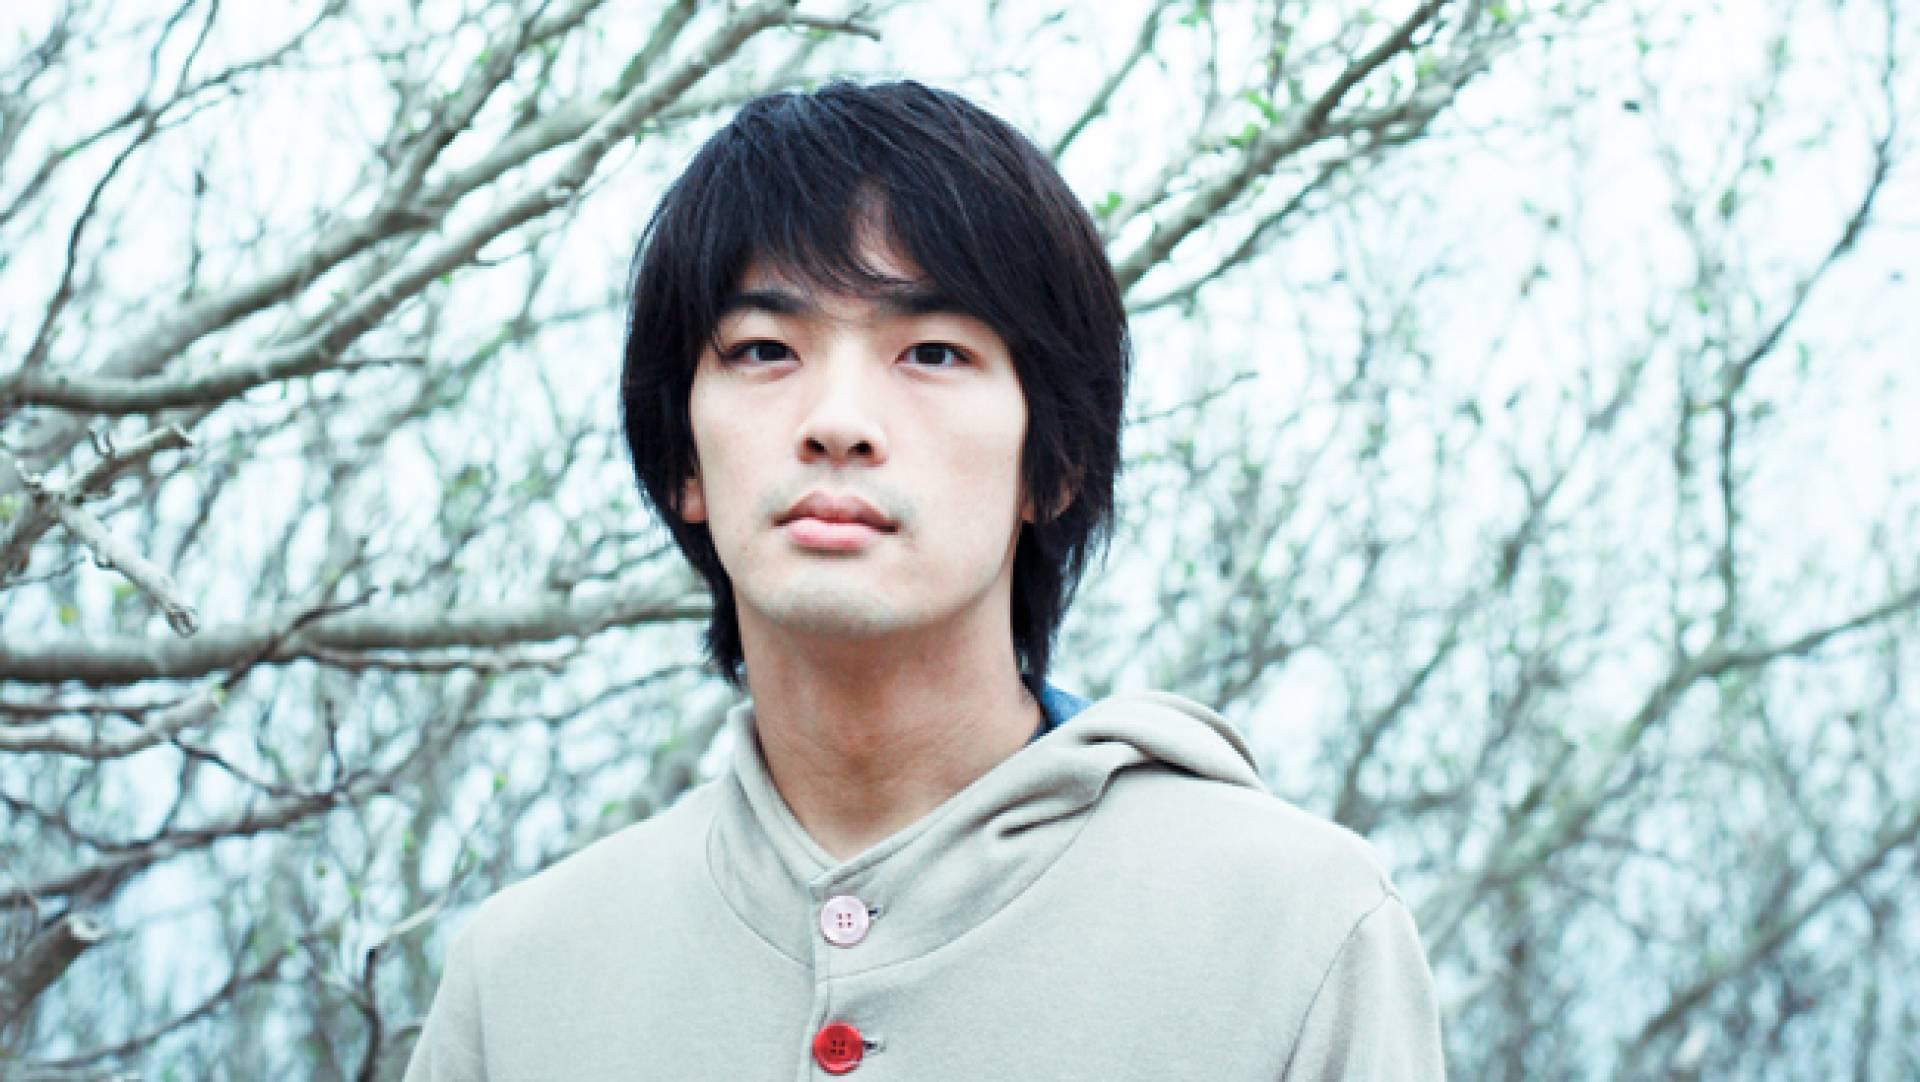 Tokumaru Shugo